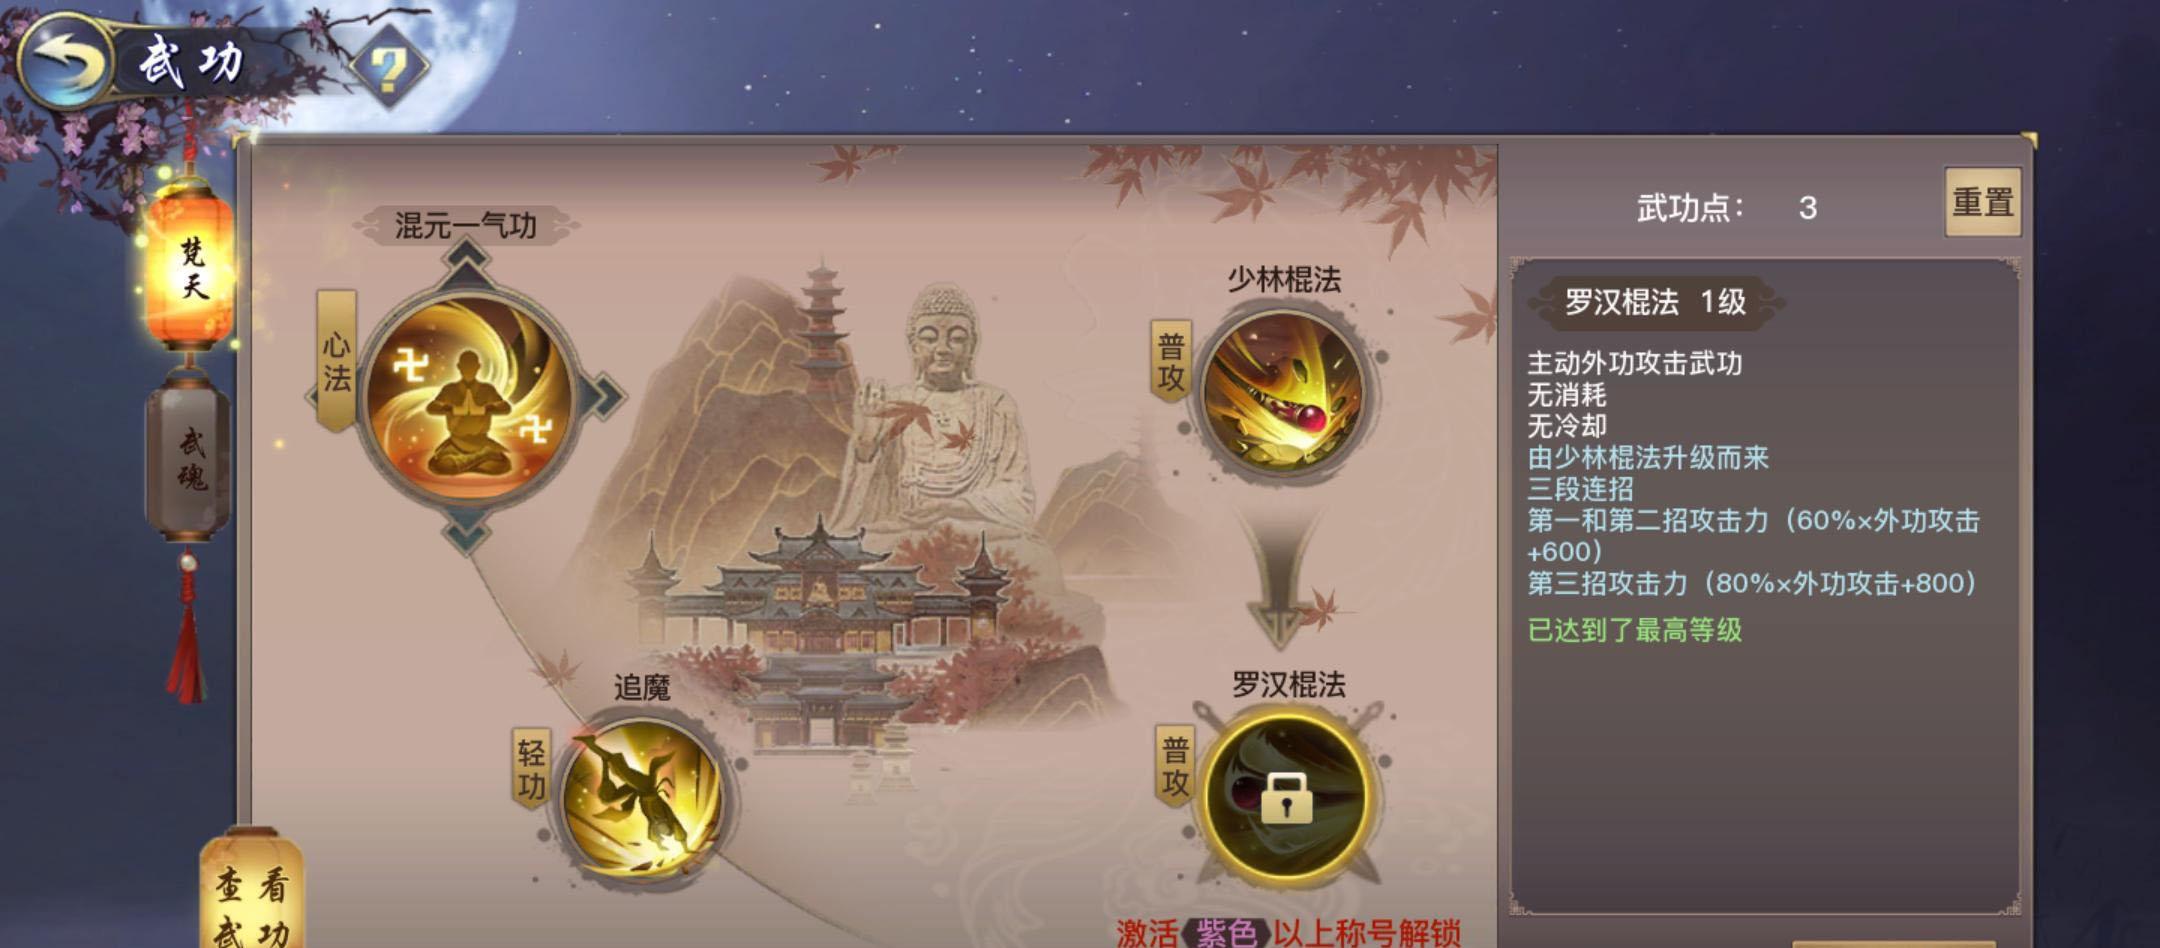 《剑侠情缘2:剑歌行》少林流派——梵天篇